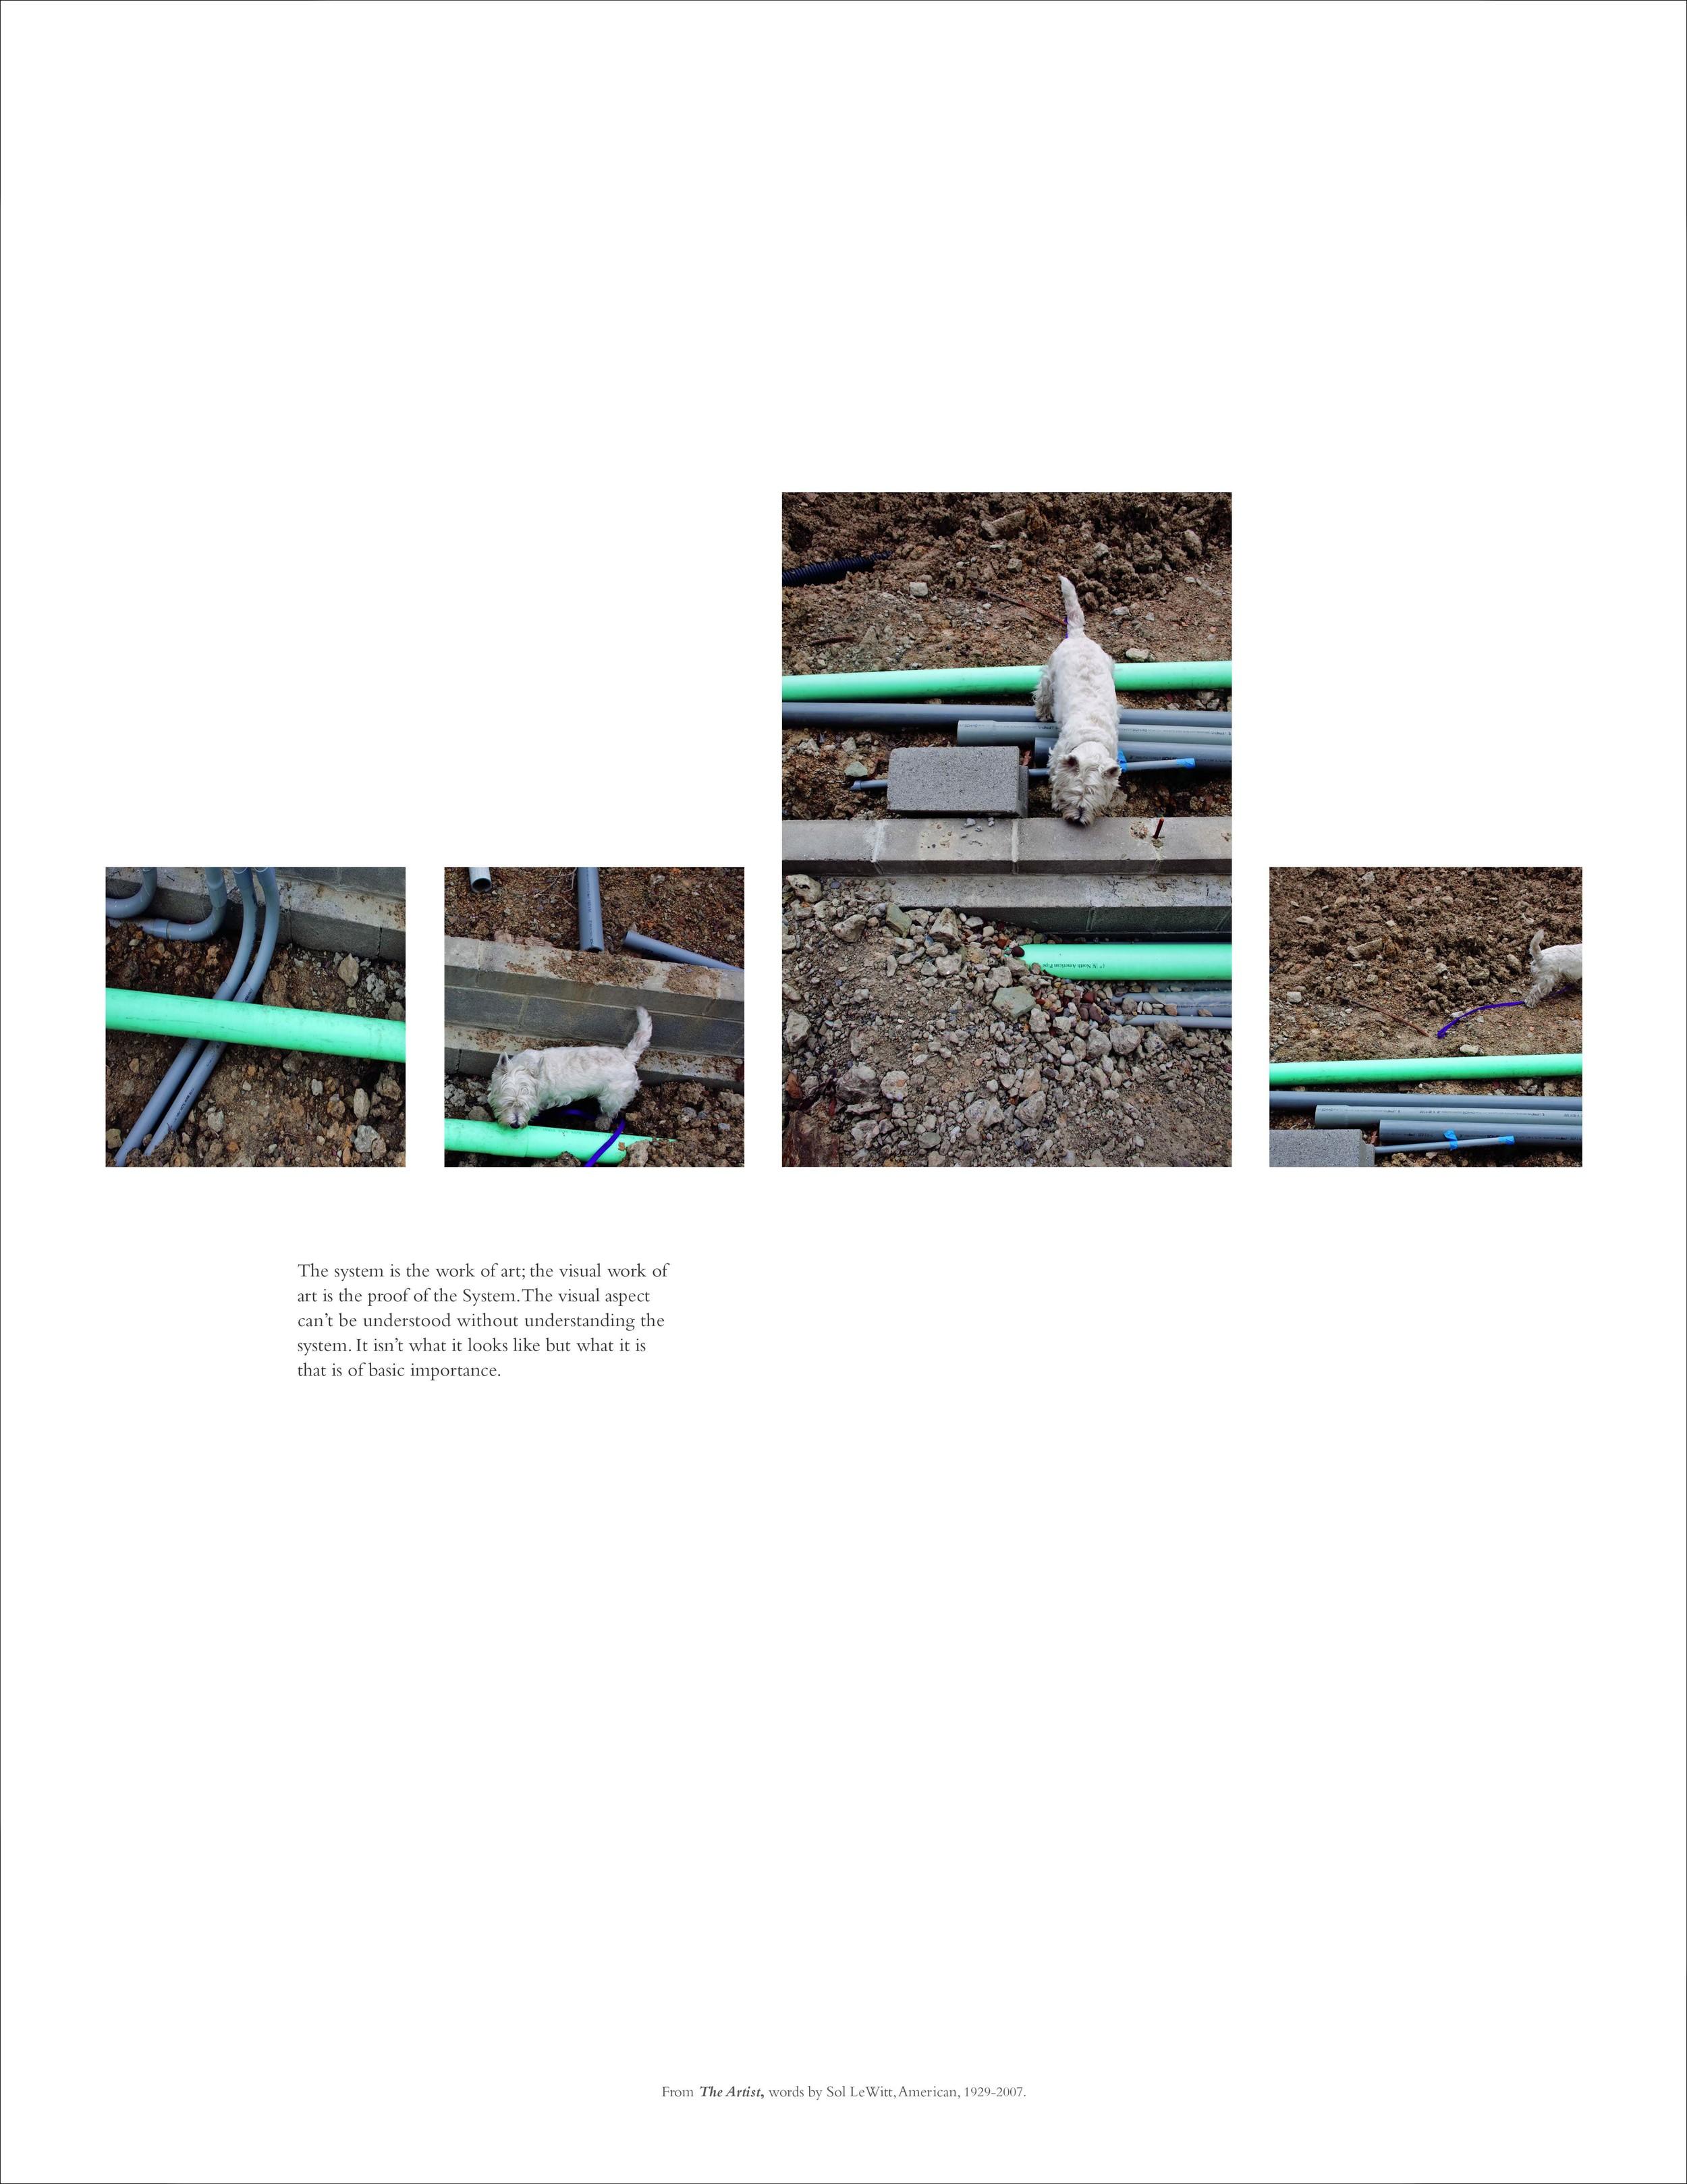 for spot press_prints7.jpg